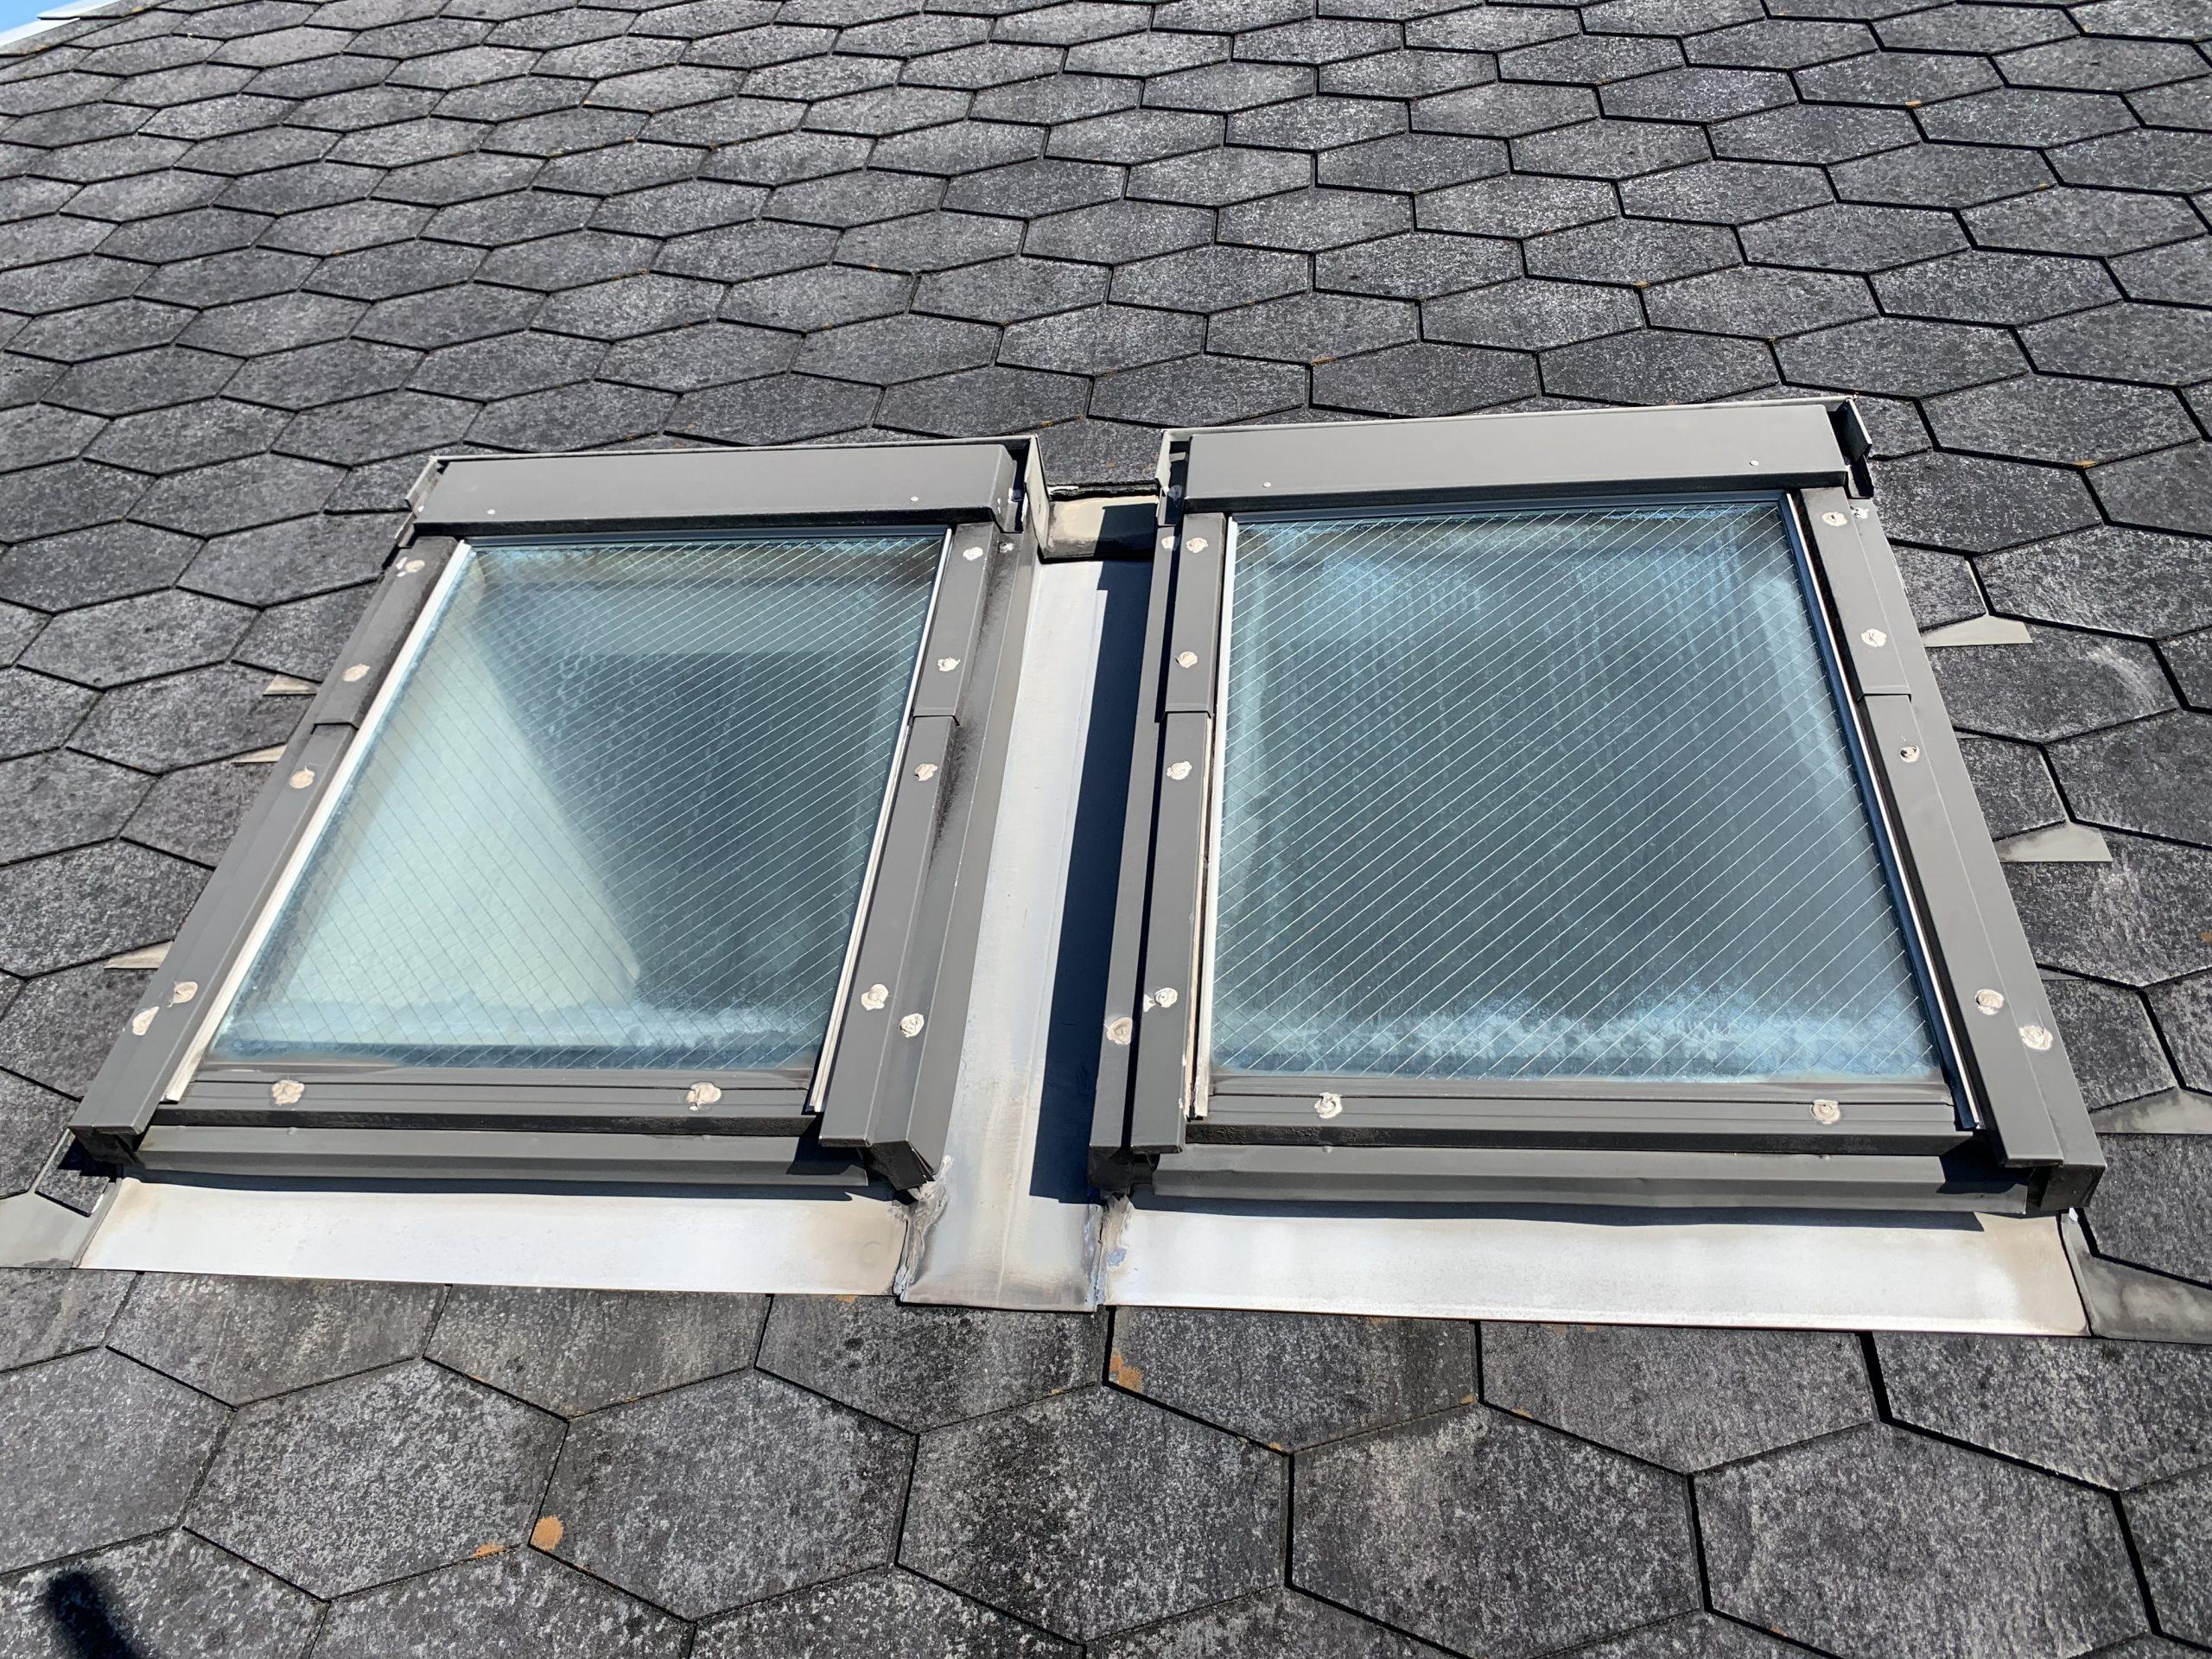 池田市で評判の雨漏り修理なら!天窓からの雨漏りを解決します